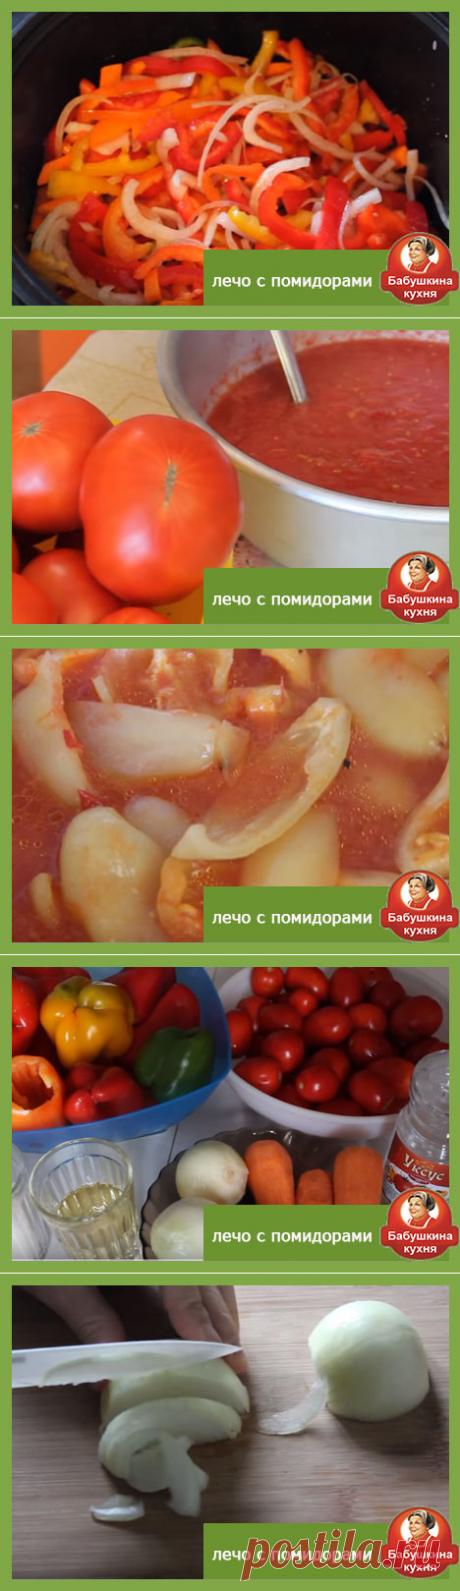 Лечо из перца и помидоров: самый вкусный рецепт